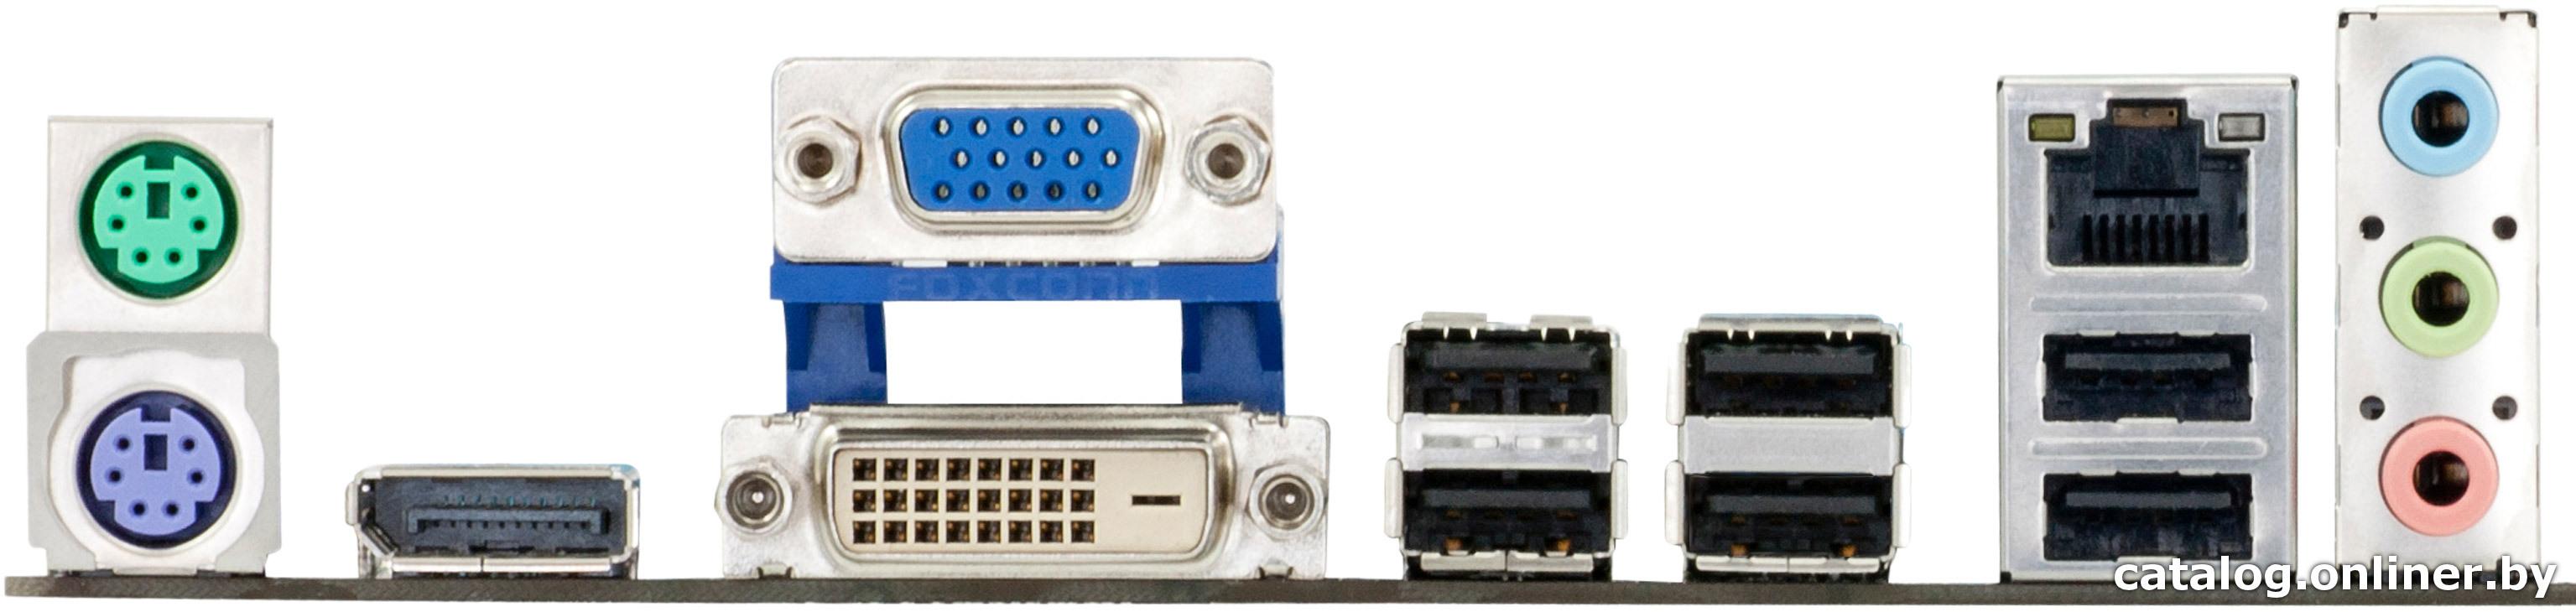 ASUS P8Q67-M DOTPM LAN DOWNLOAD DRIVERS